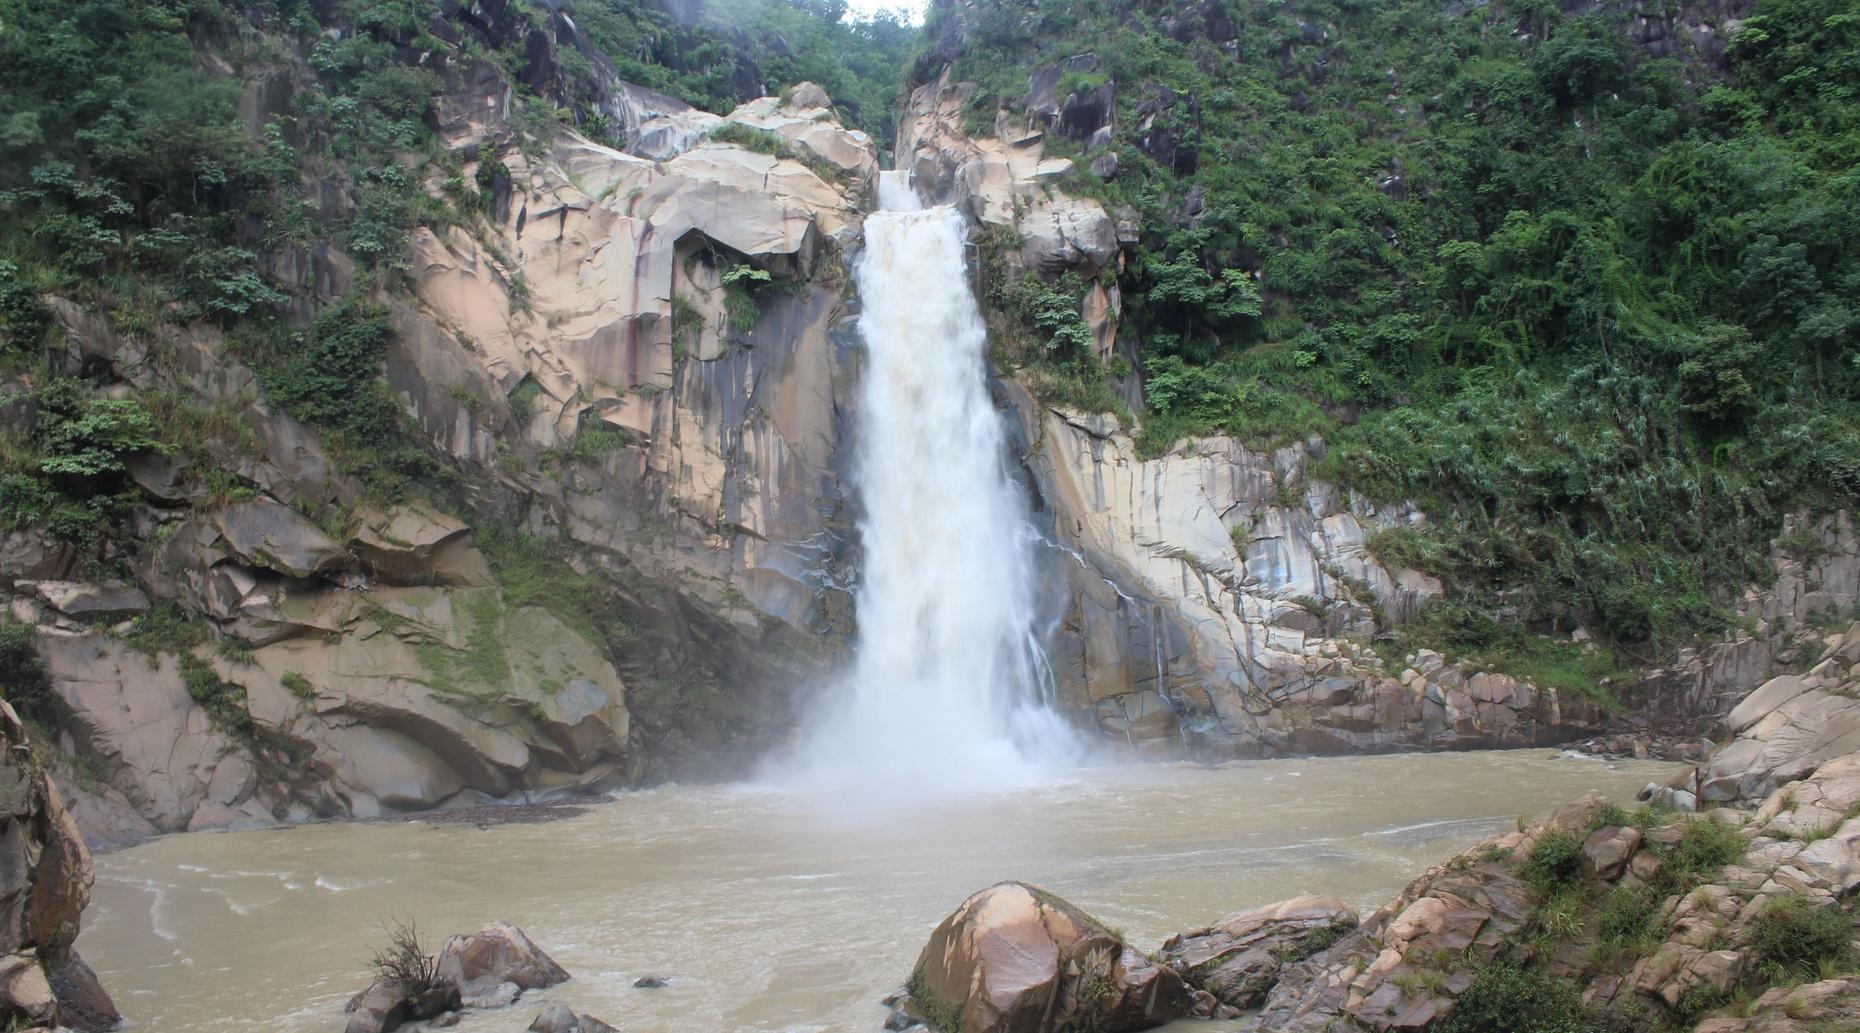 La Reforma Waterfall Tour